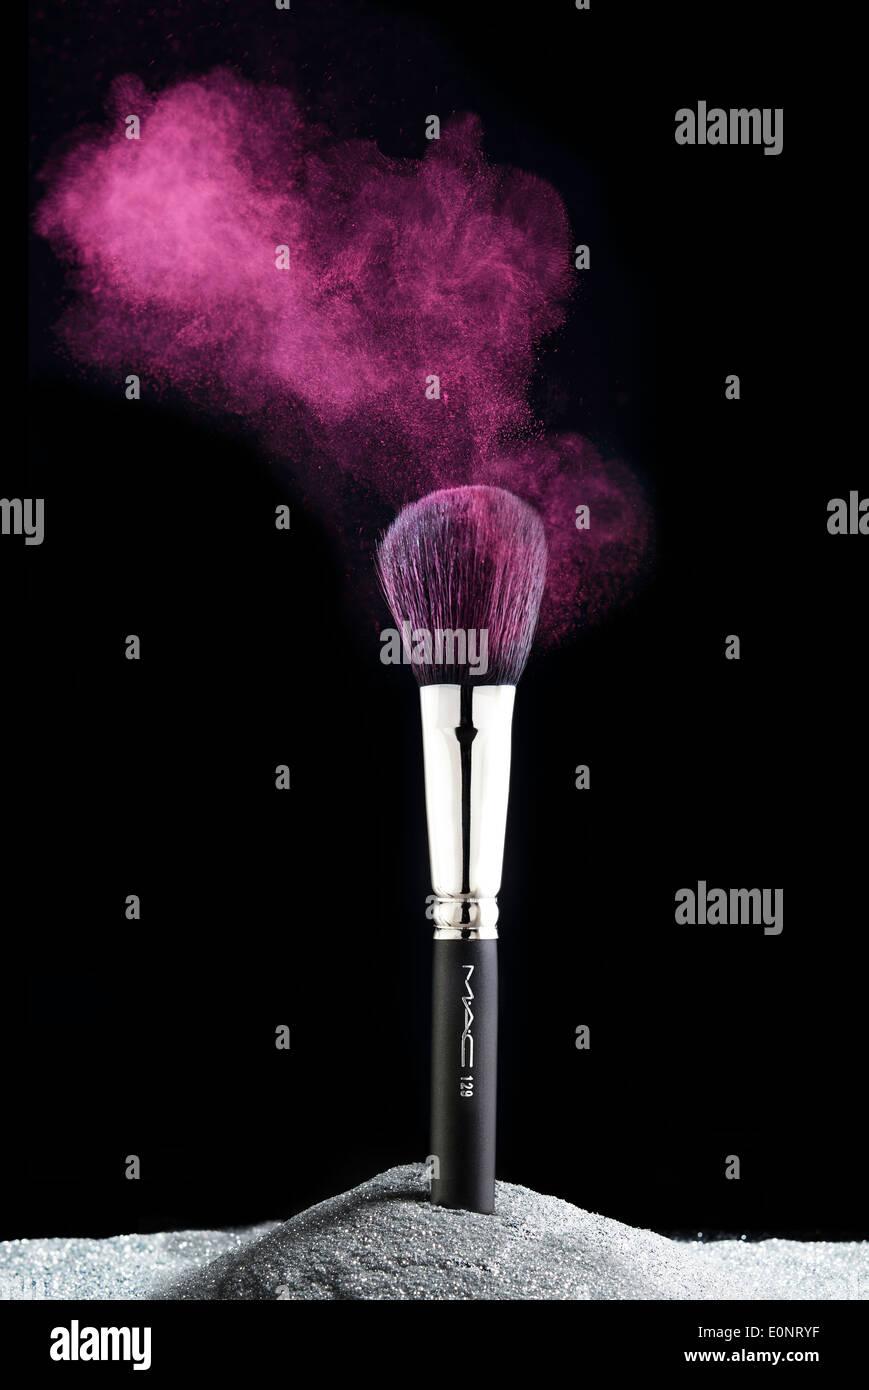 MAC Pinsel mit lila Pulver und Glitzer Produkt High Fashion Make-up und Schönheit Stockbild